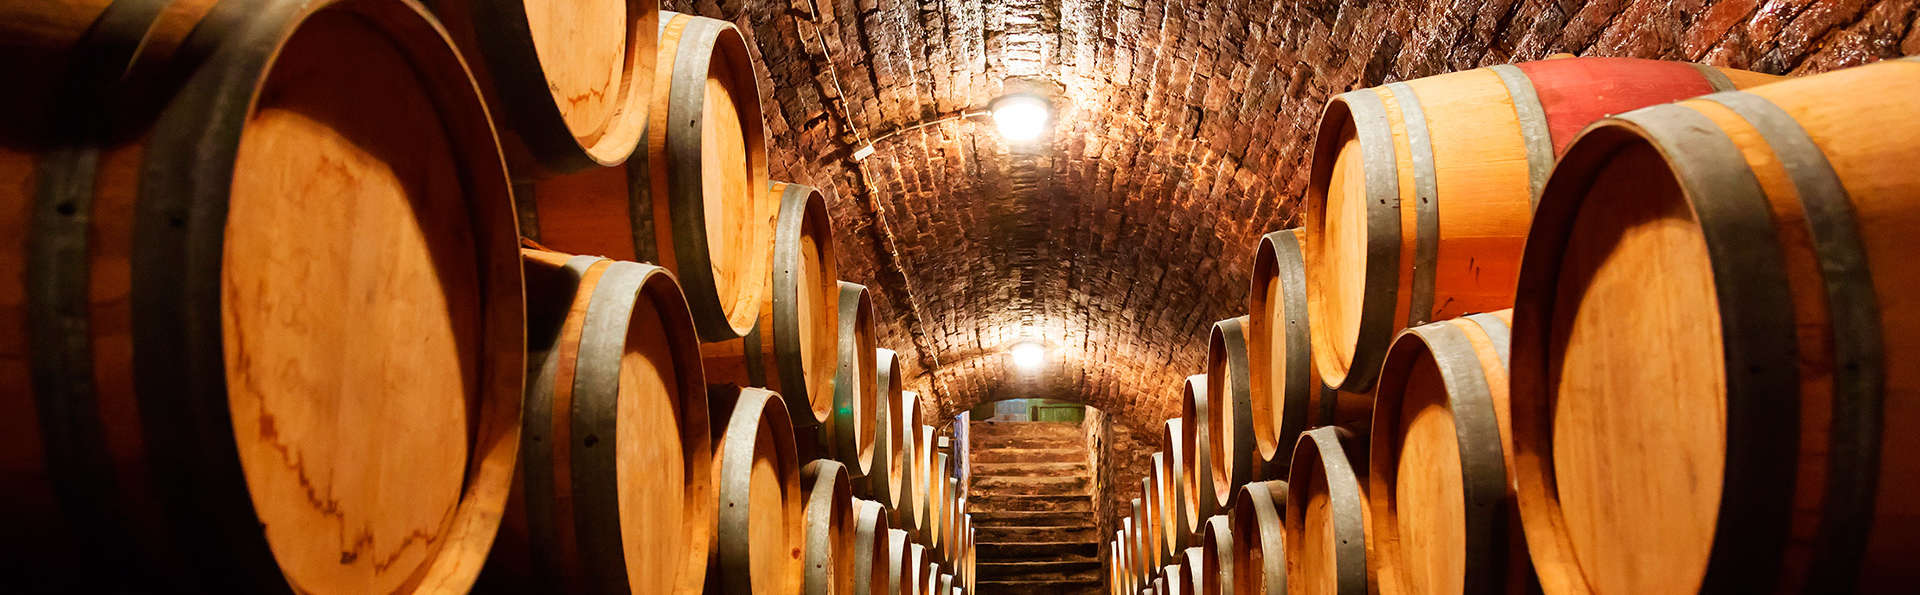 Enológica en La Rioja con visita a bodega, desayunos gratis y descuento en noches extras